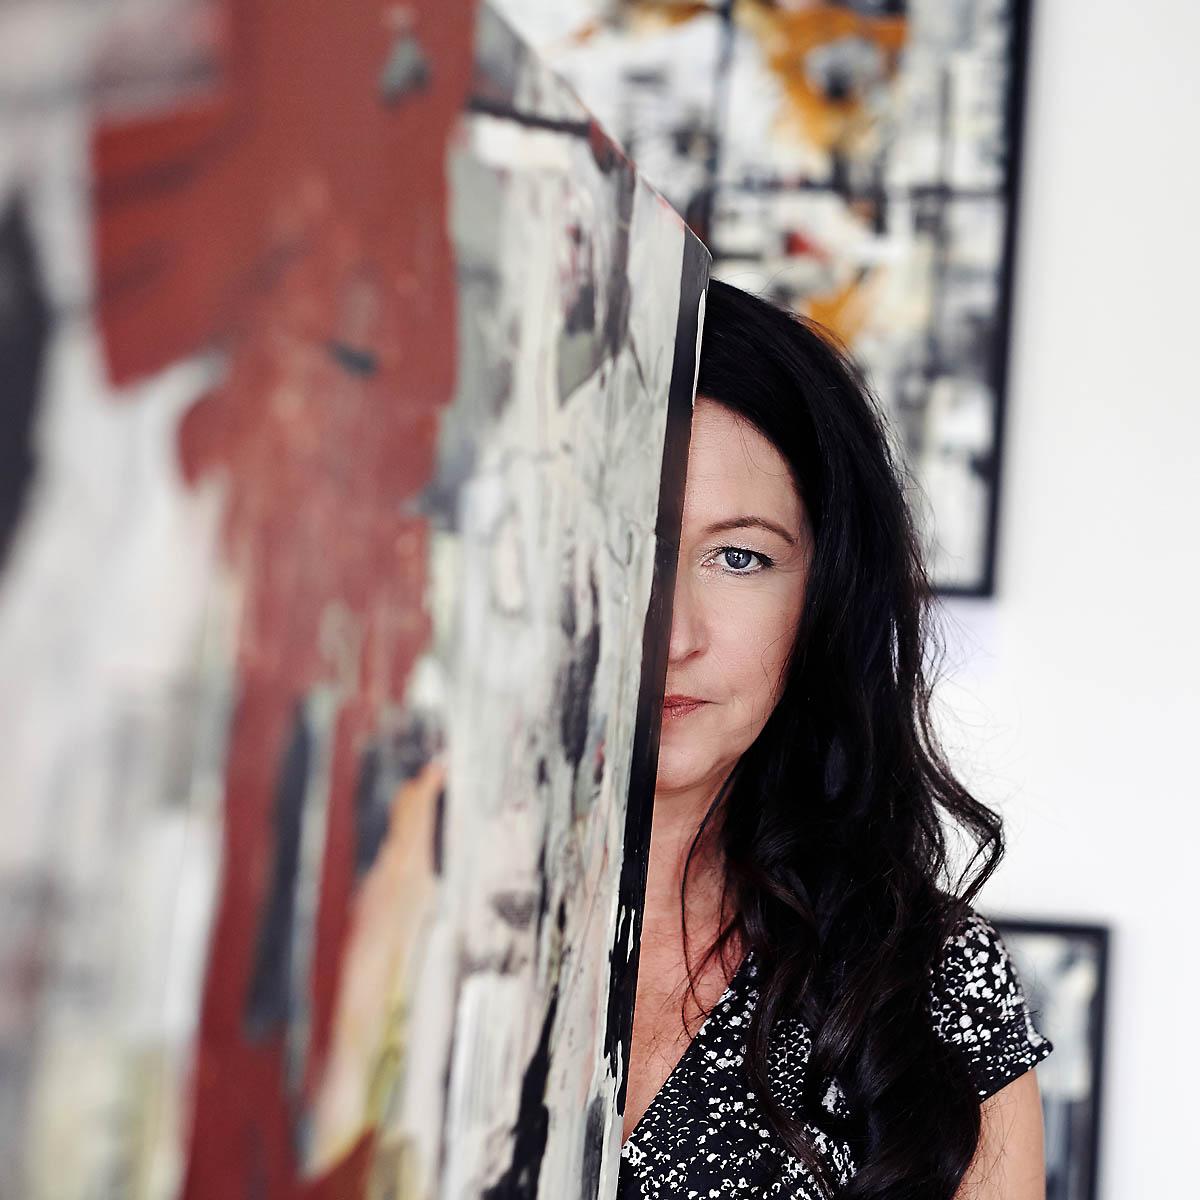 Christina_Steinwendtner-Sappert_MG_7914